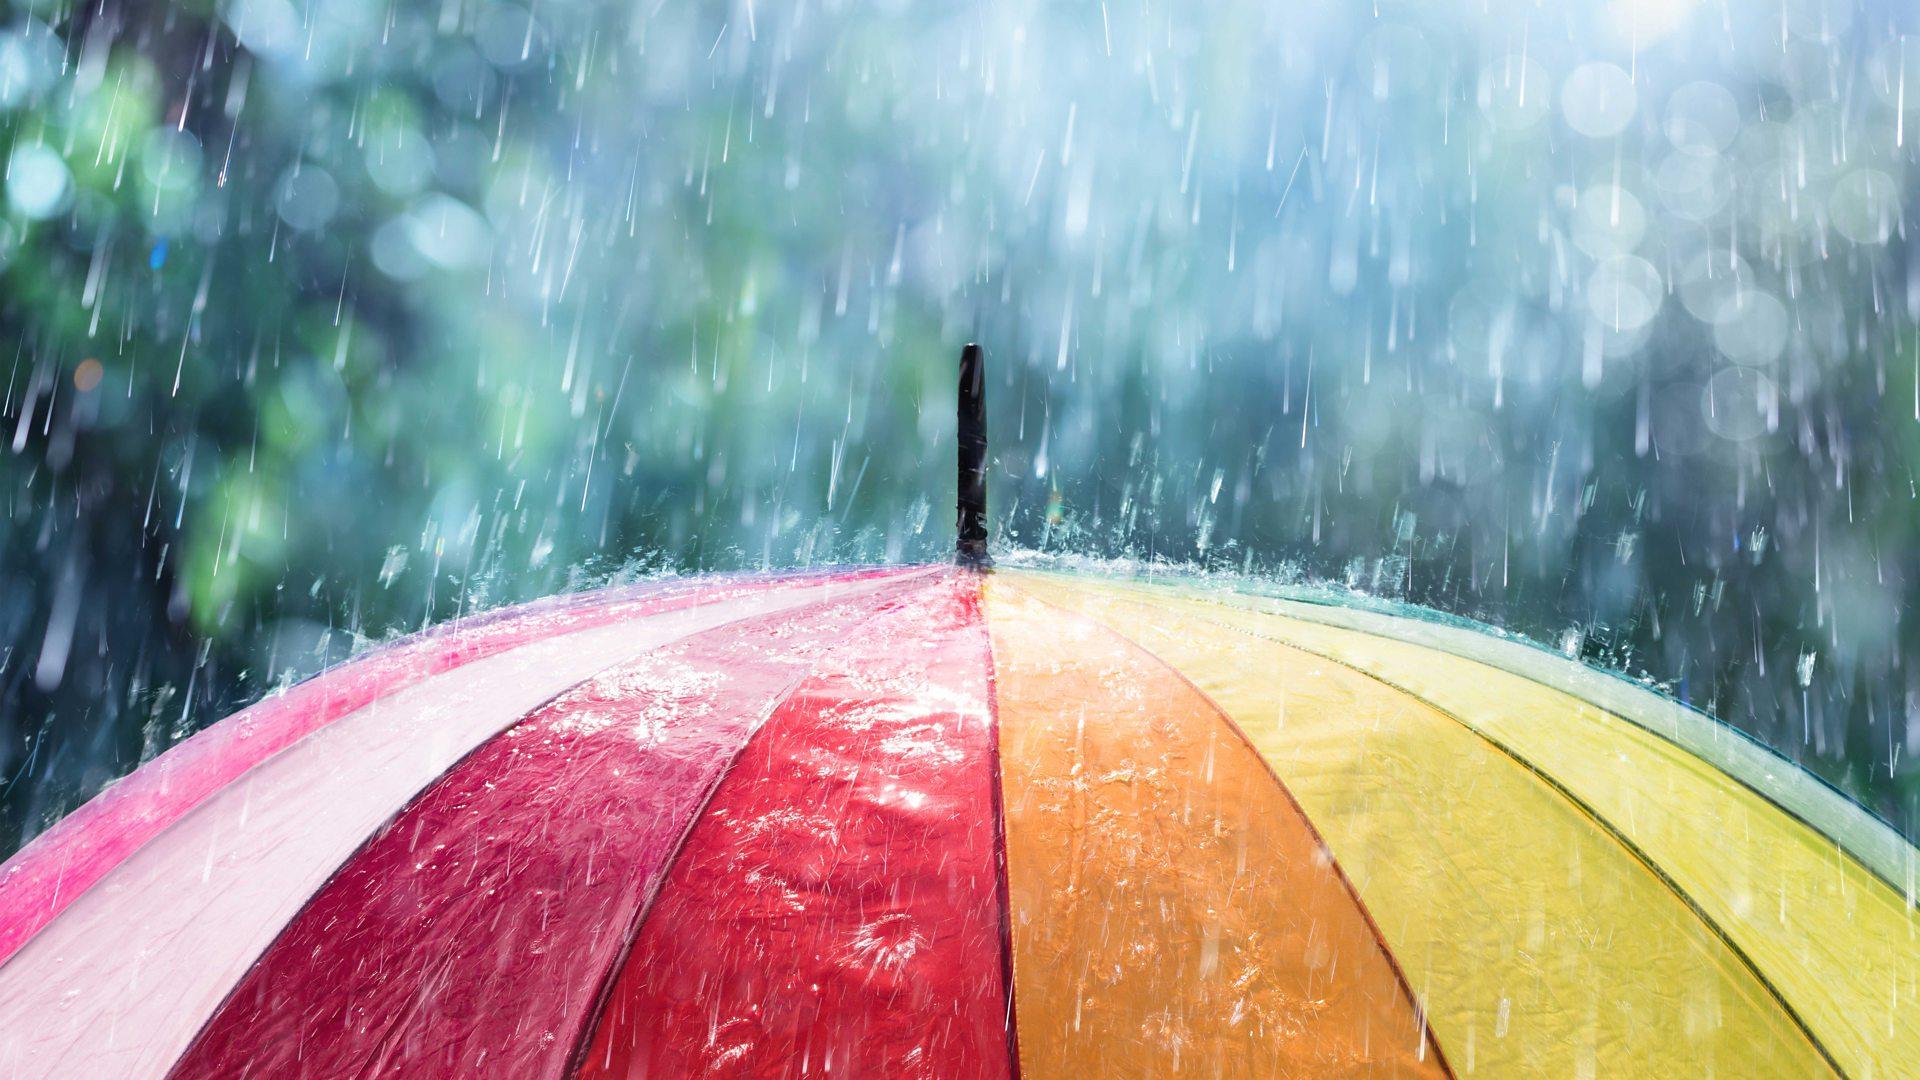 Bila Hujan Enggan Menyapa - Amalan Agar Allah Menurunkan Hujan bimbingan islam